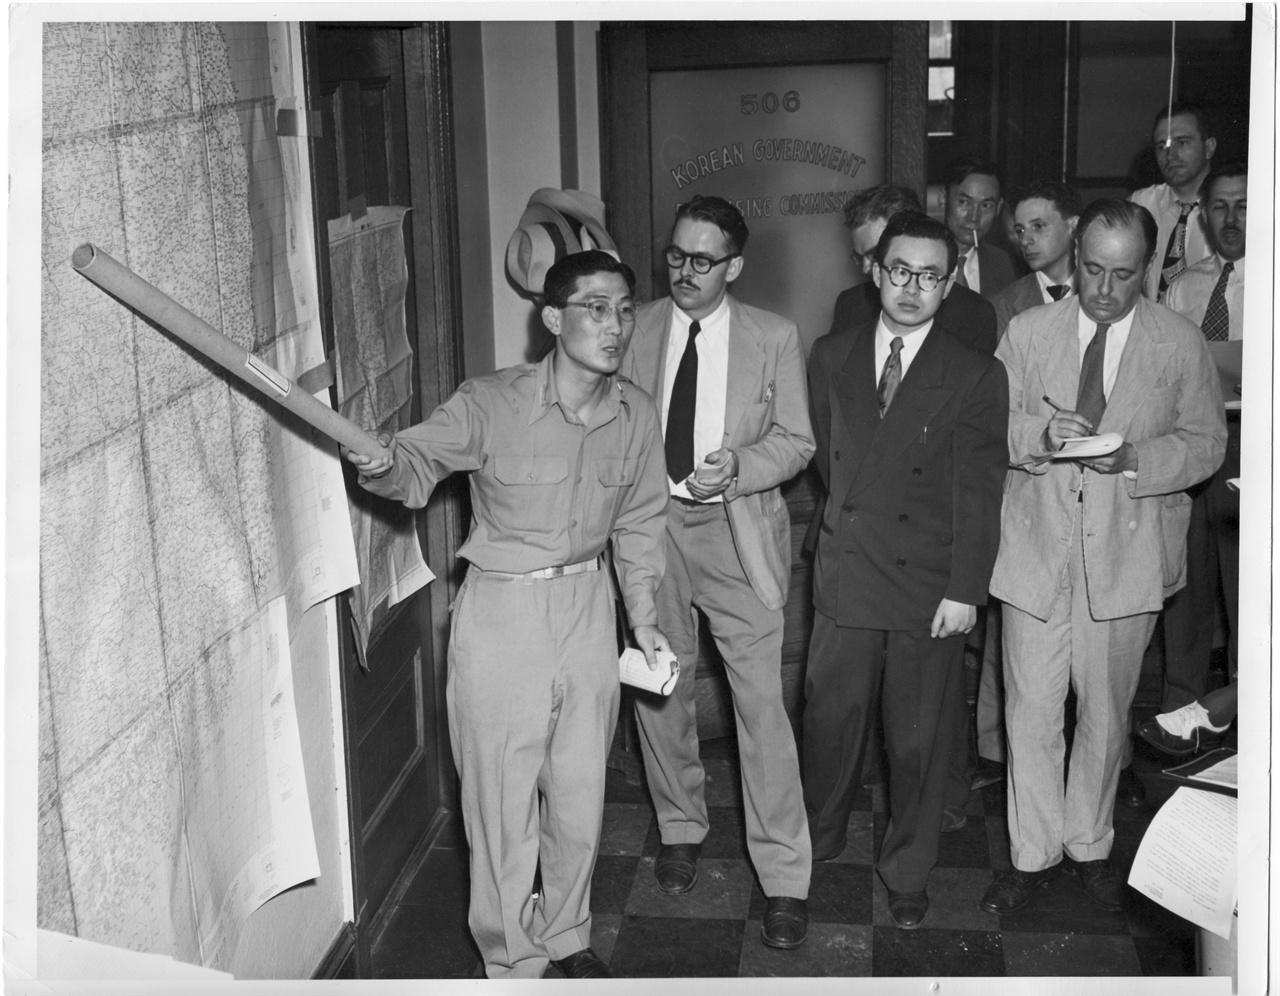 4. 주미대사관 무관이 한국전쟁 전황을 브리핑하고 있다(1950. 6. 27.).